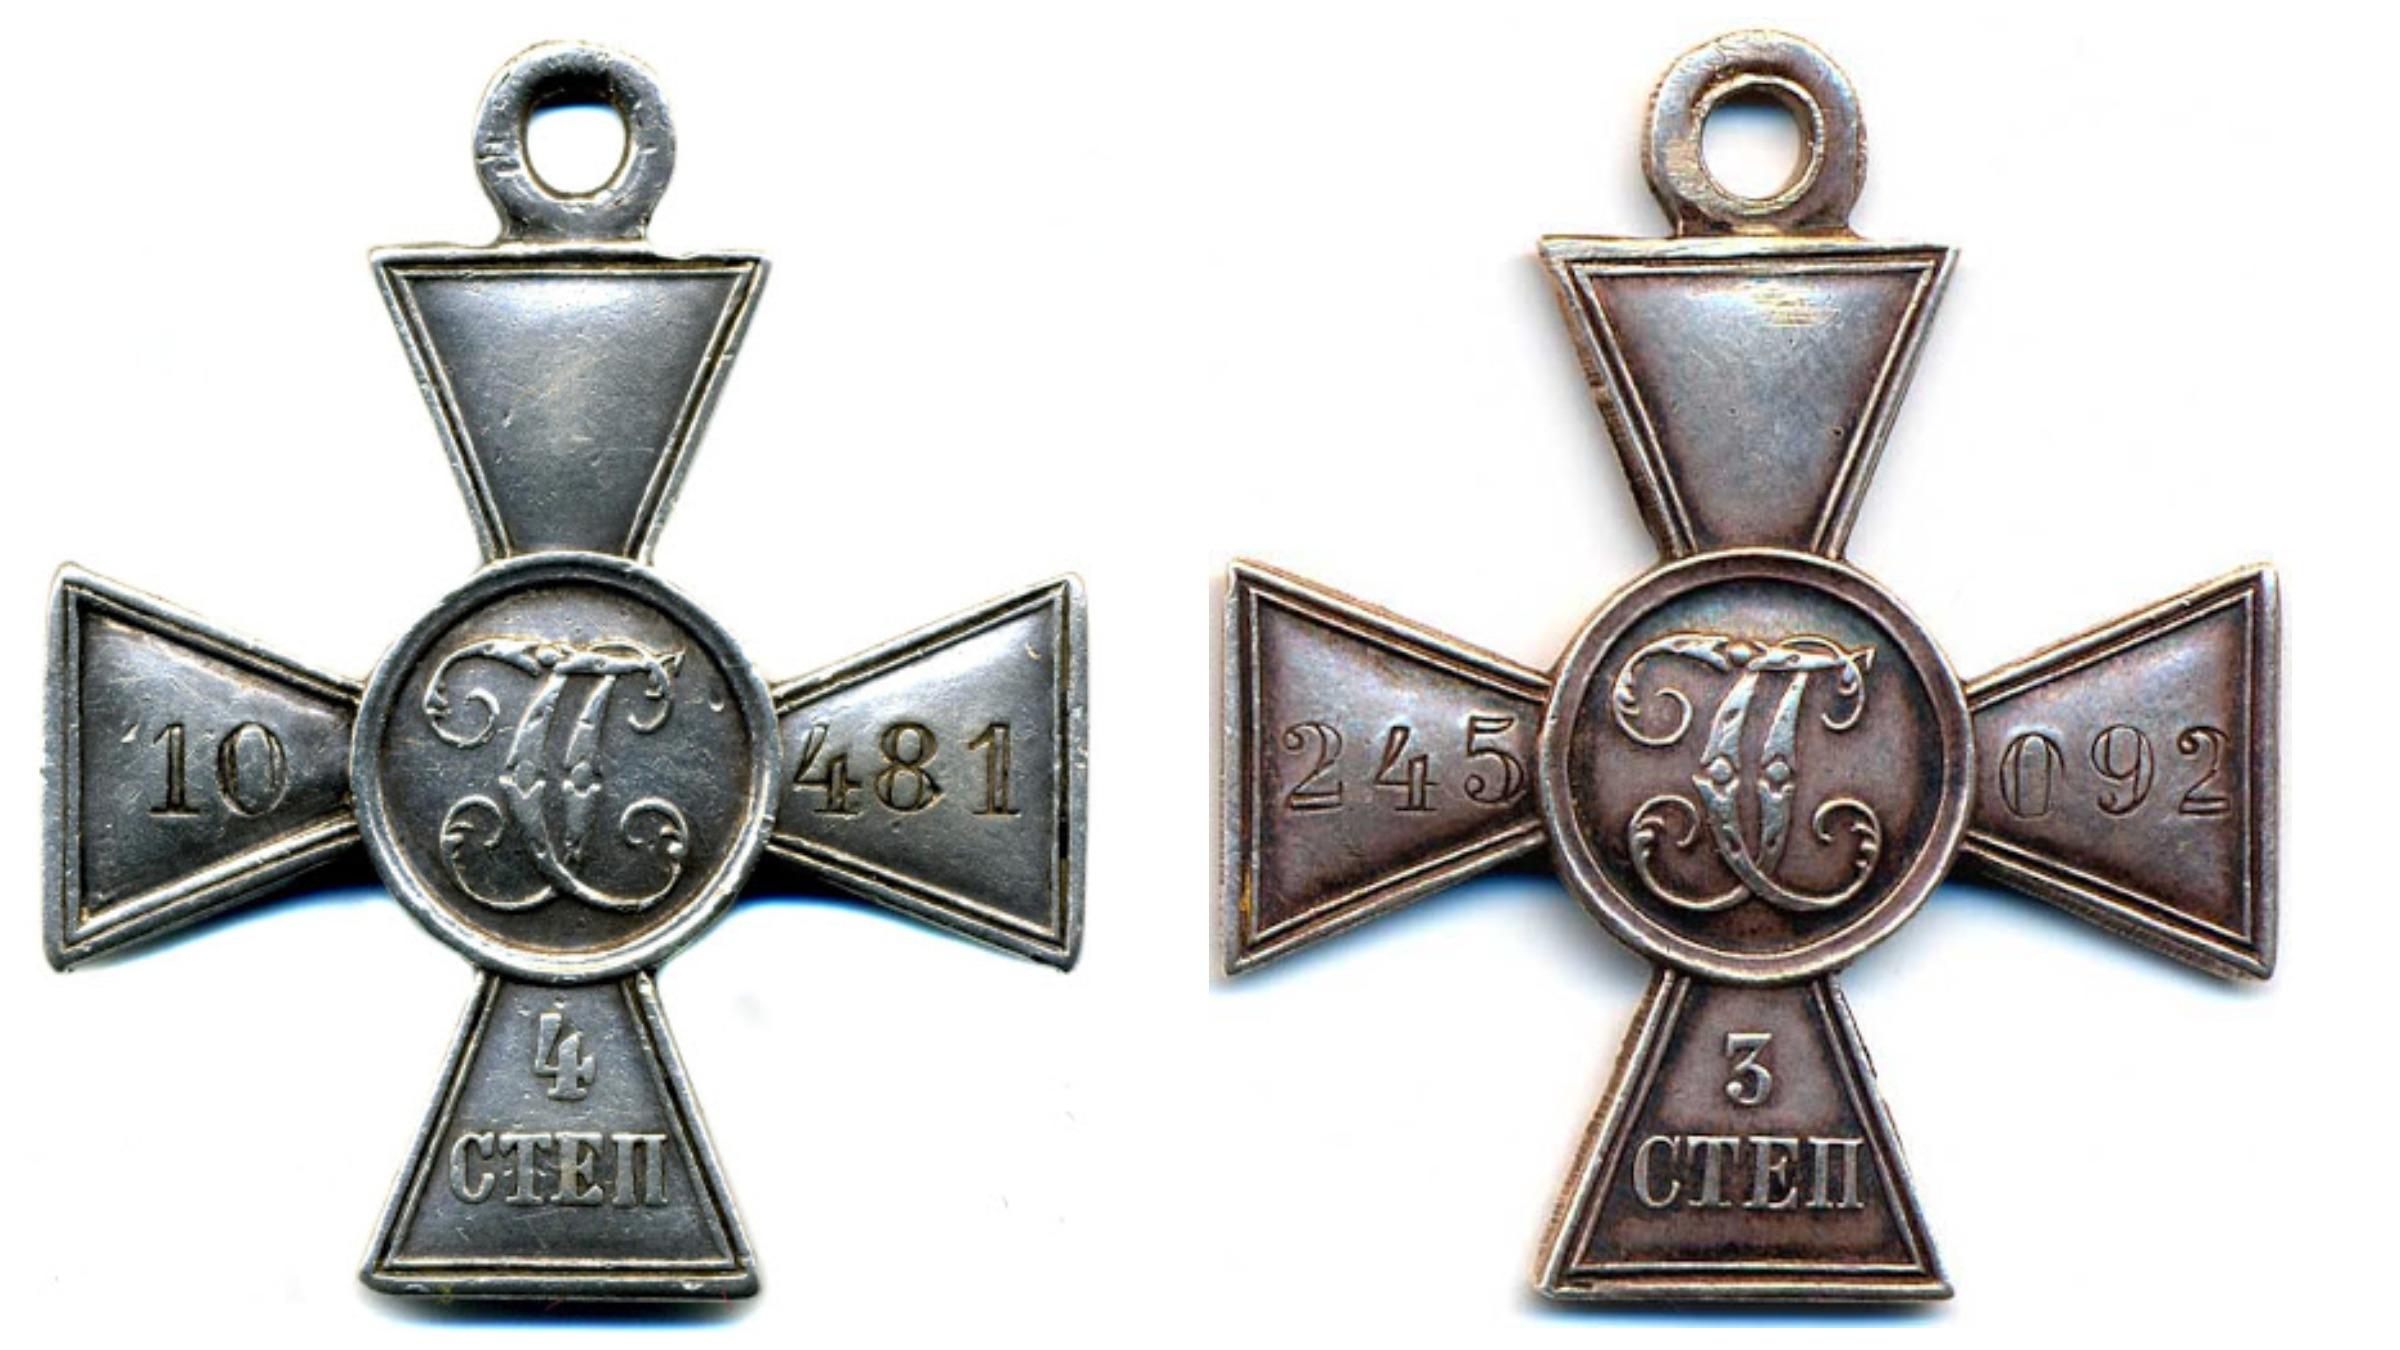 Imperial Cross of Saint George